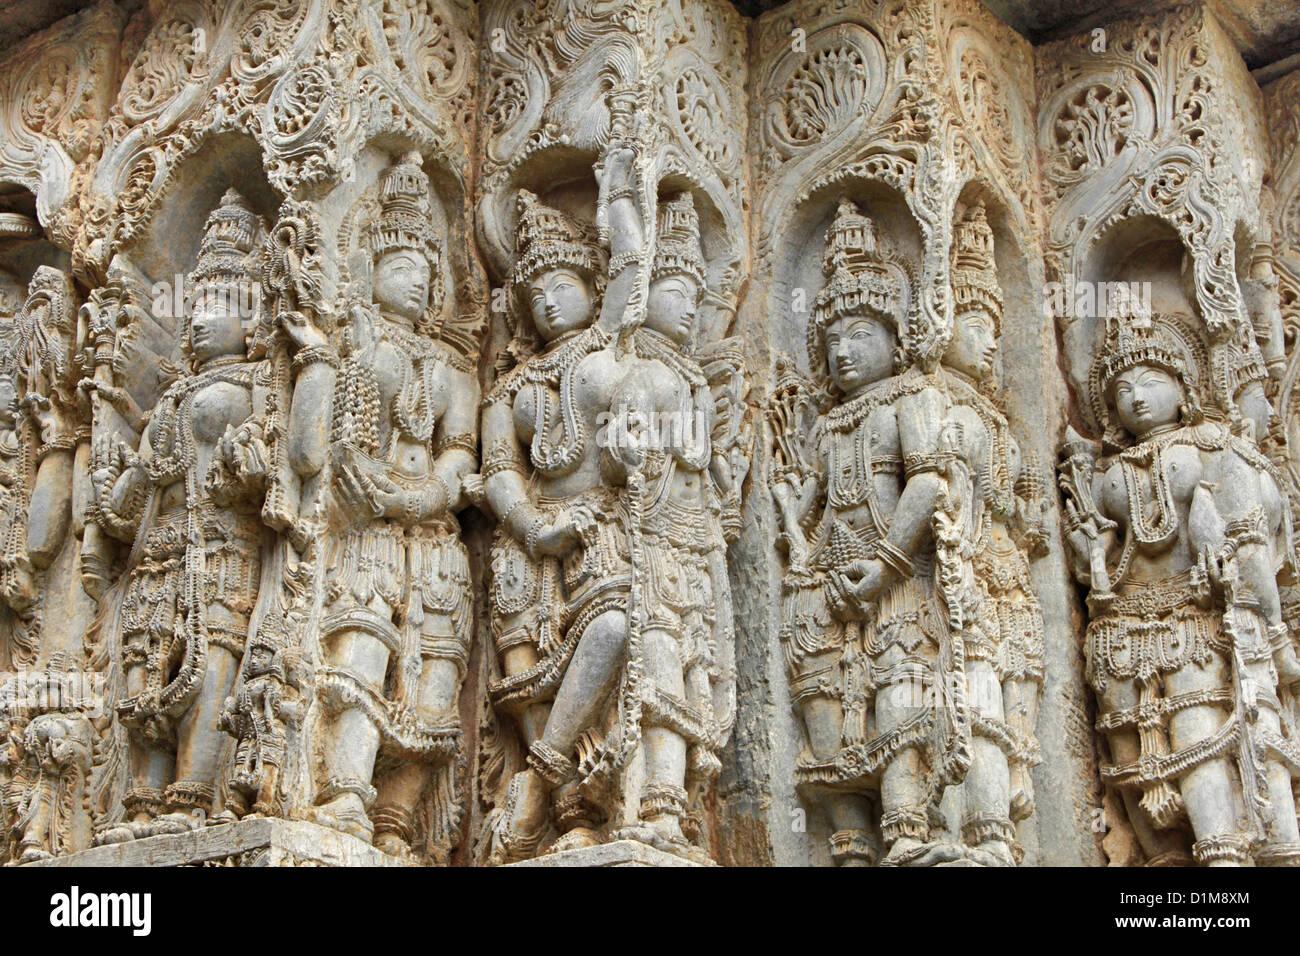 Decoración en las paredes del templo Hoysaleswara, Halebidu, Hassan, distrito de Karnataka, India. Foto de stock